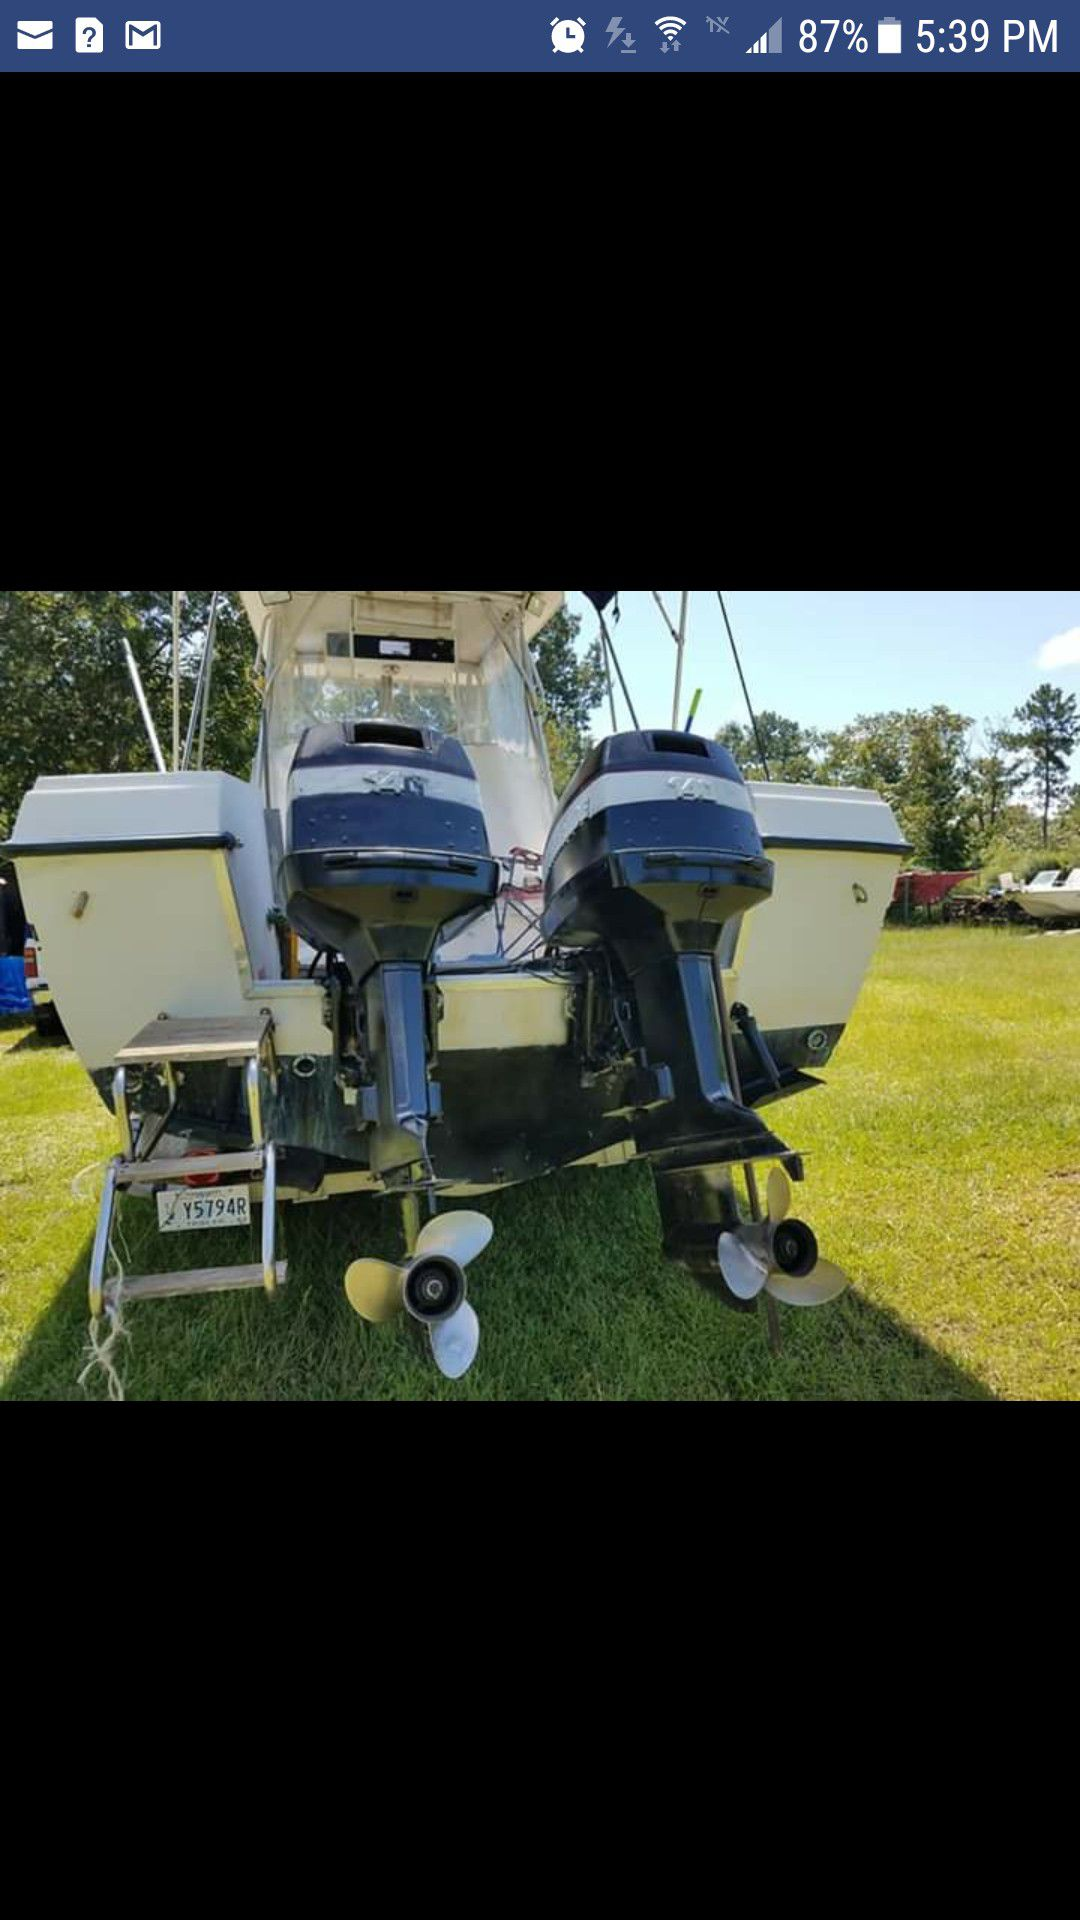 Photo 1989 White Grady White Pleasure Boat for Sale